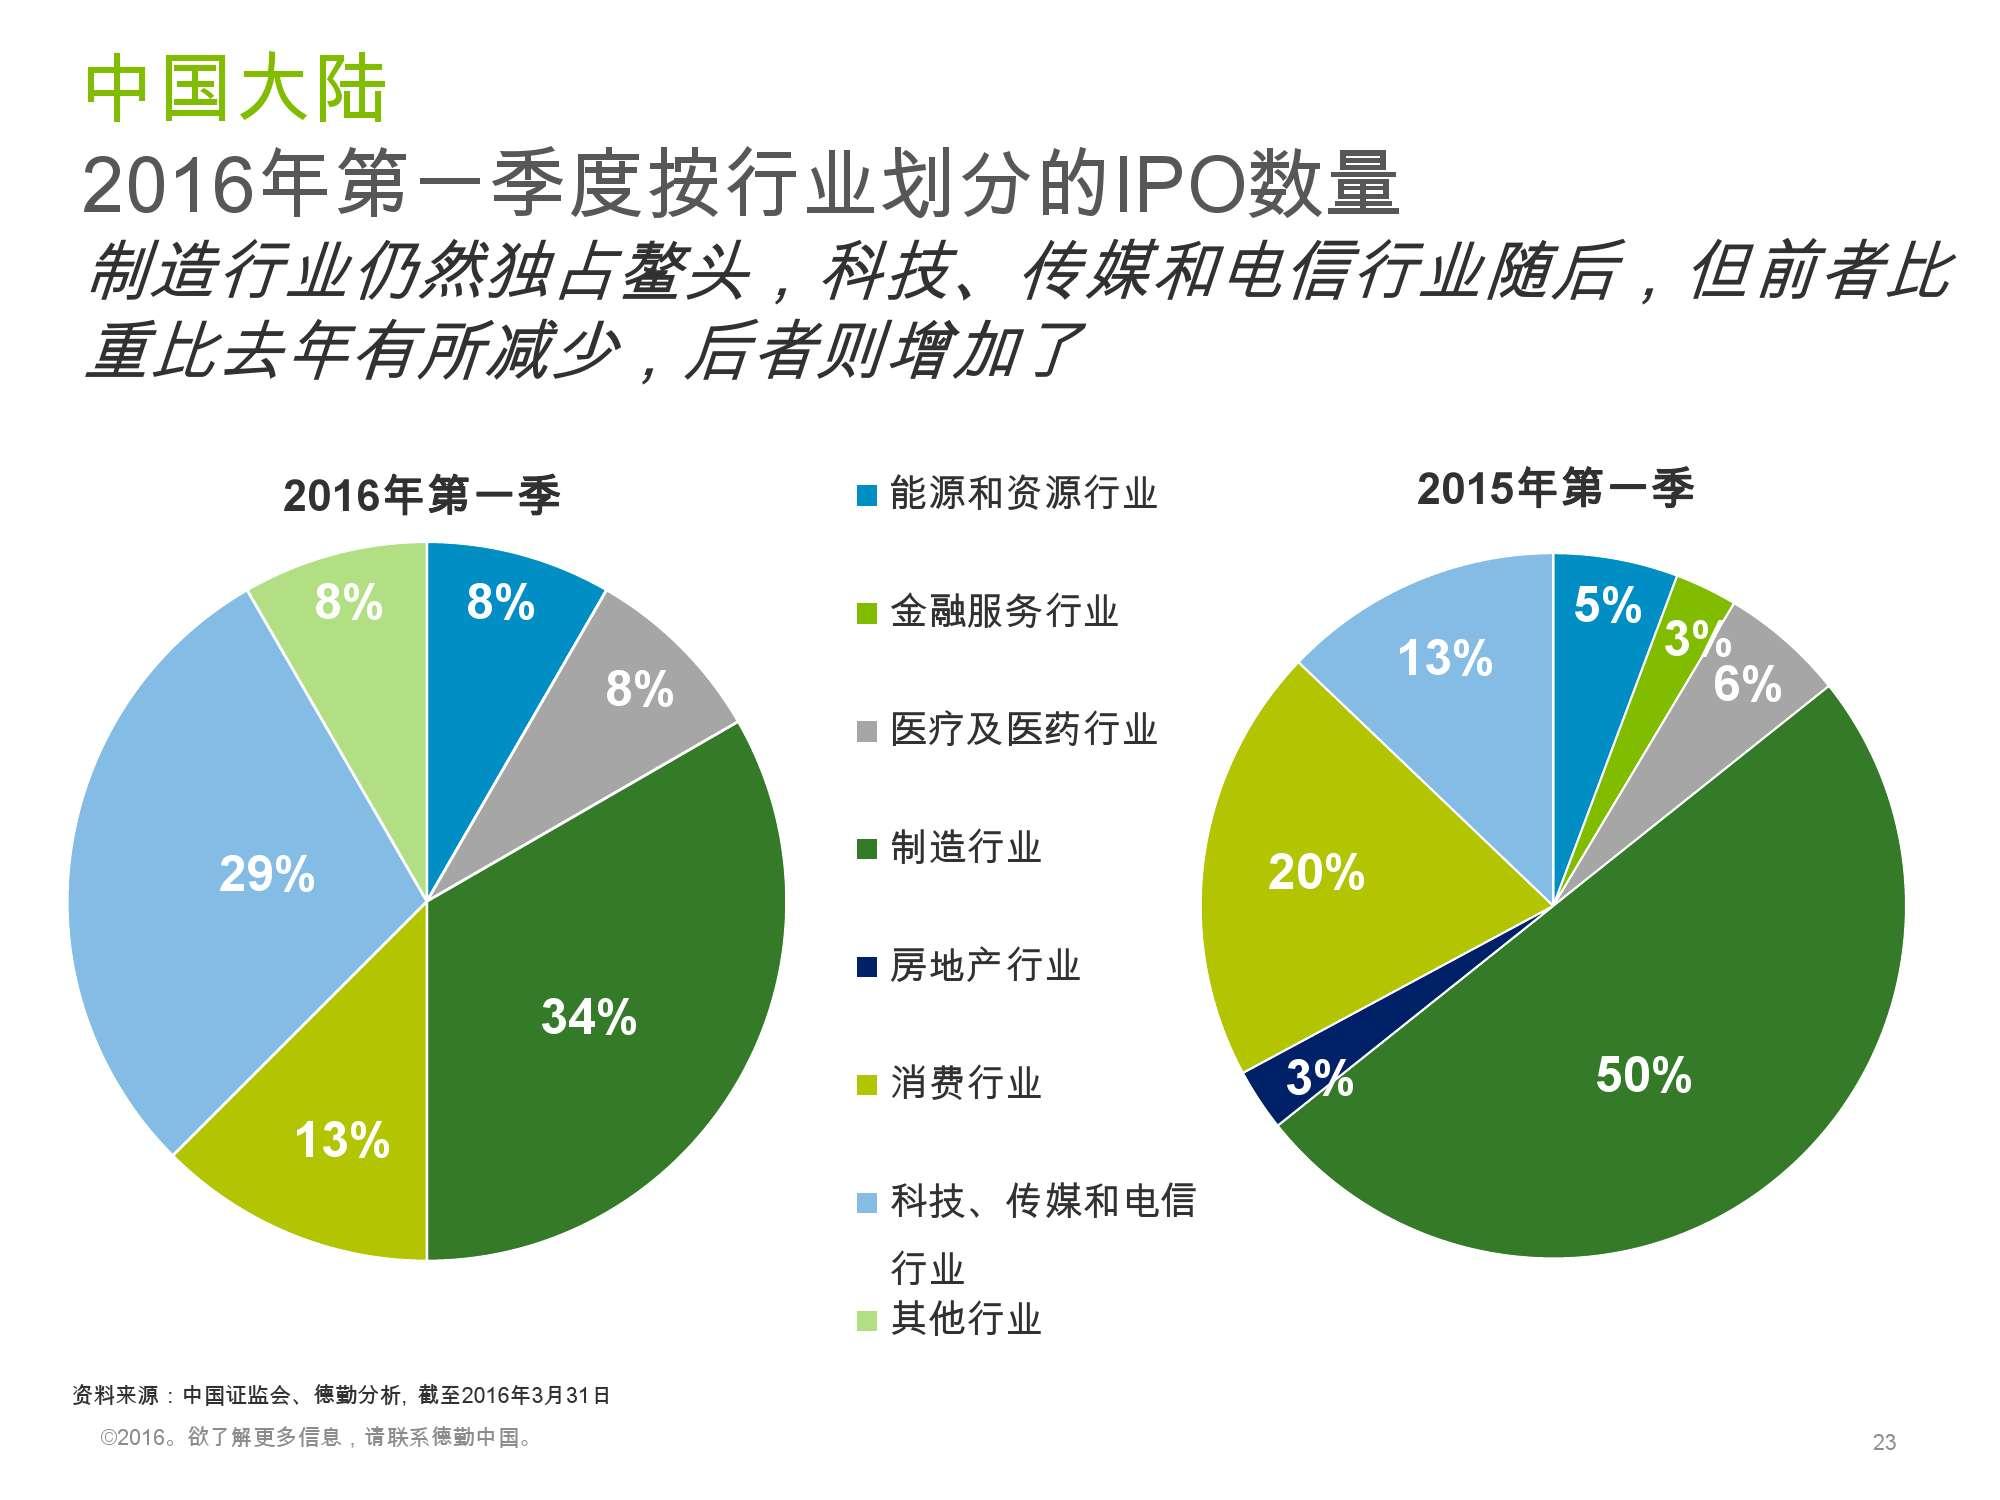 香港及中国大陆IPO市场2016年1季度_000023